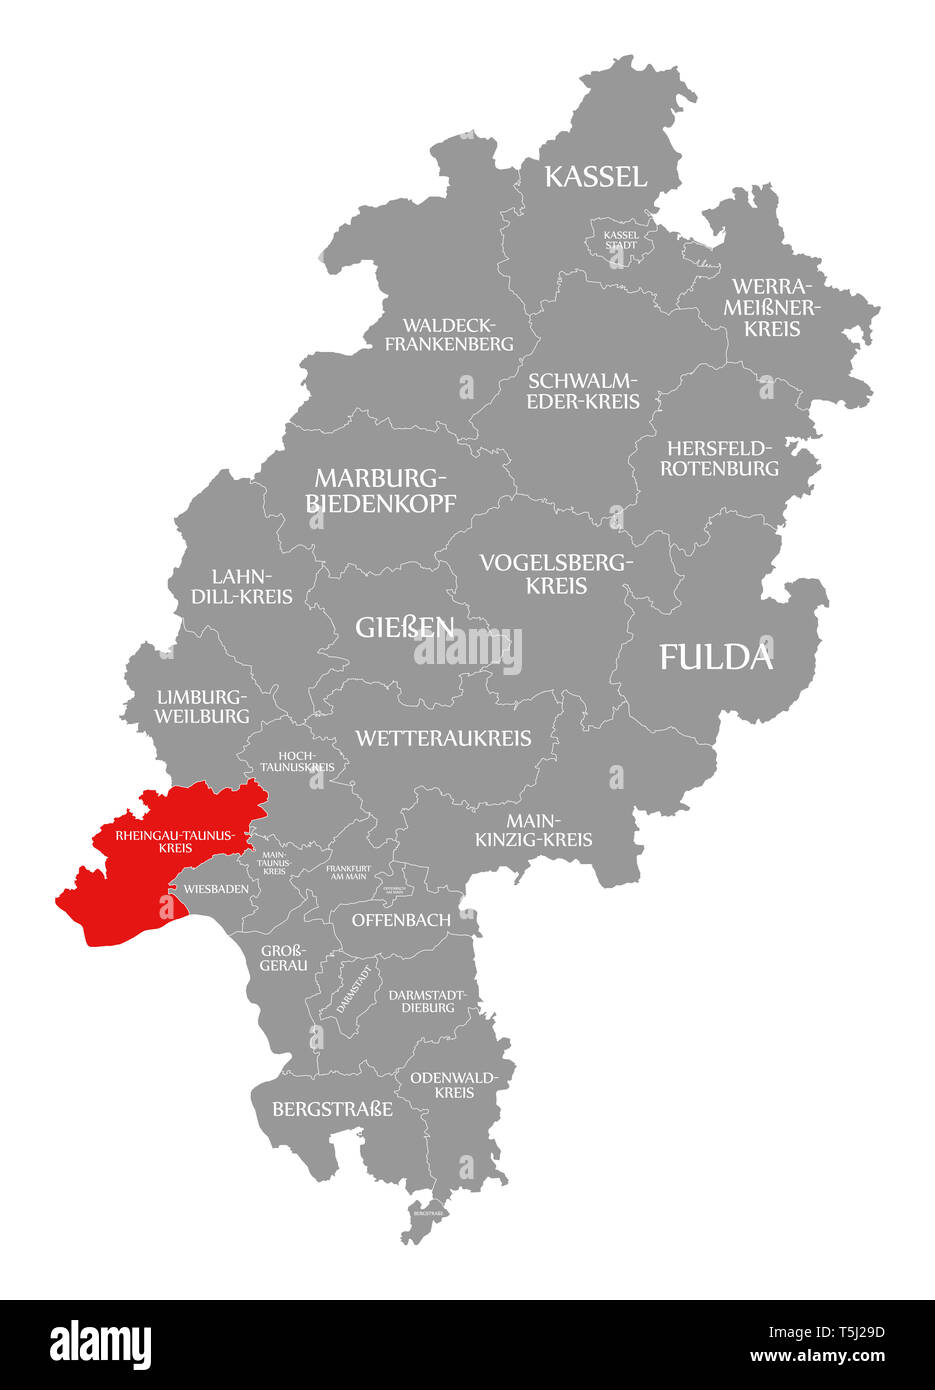 Rheingau Taunus Kreis County Red Highlighted In Map Of Hessen